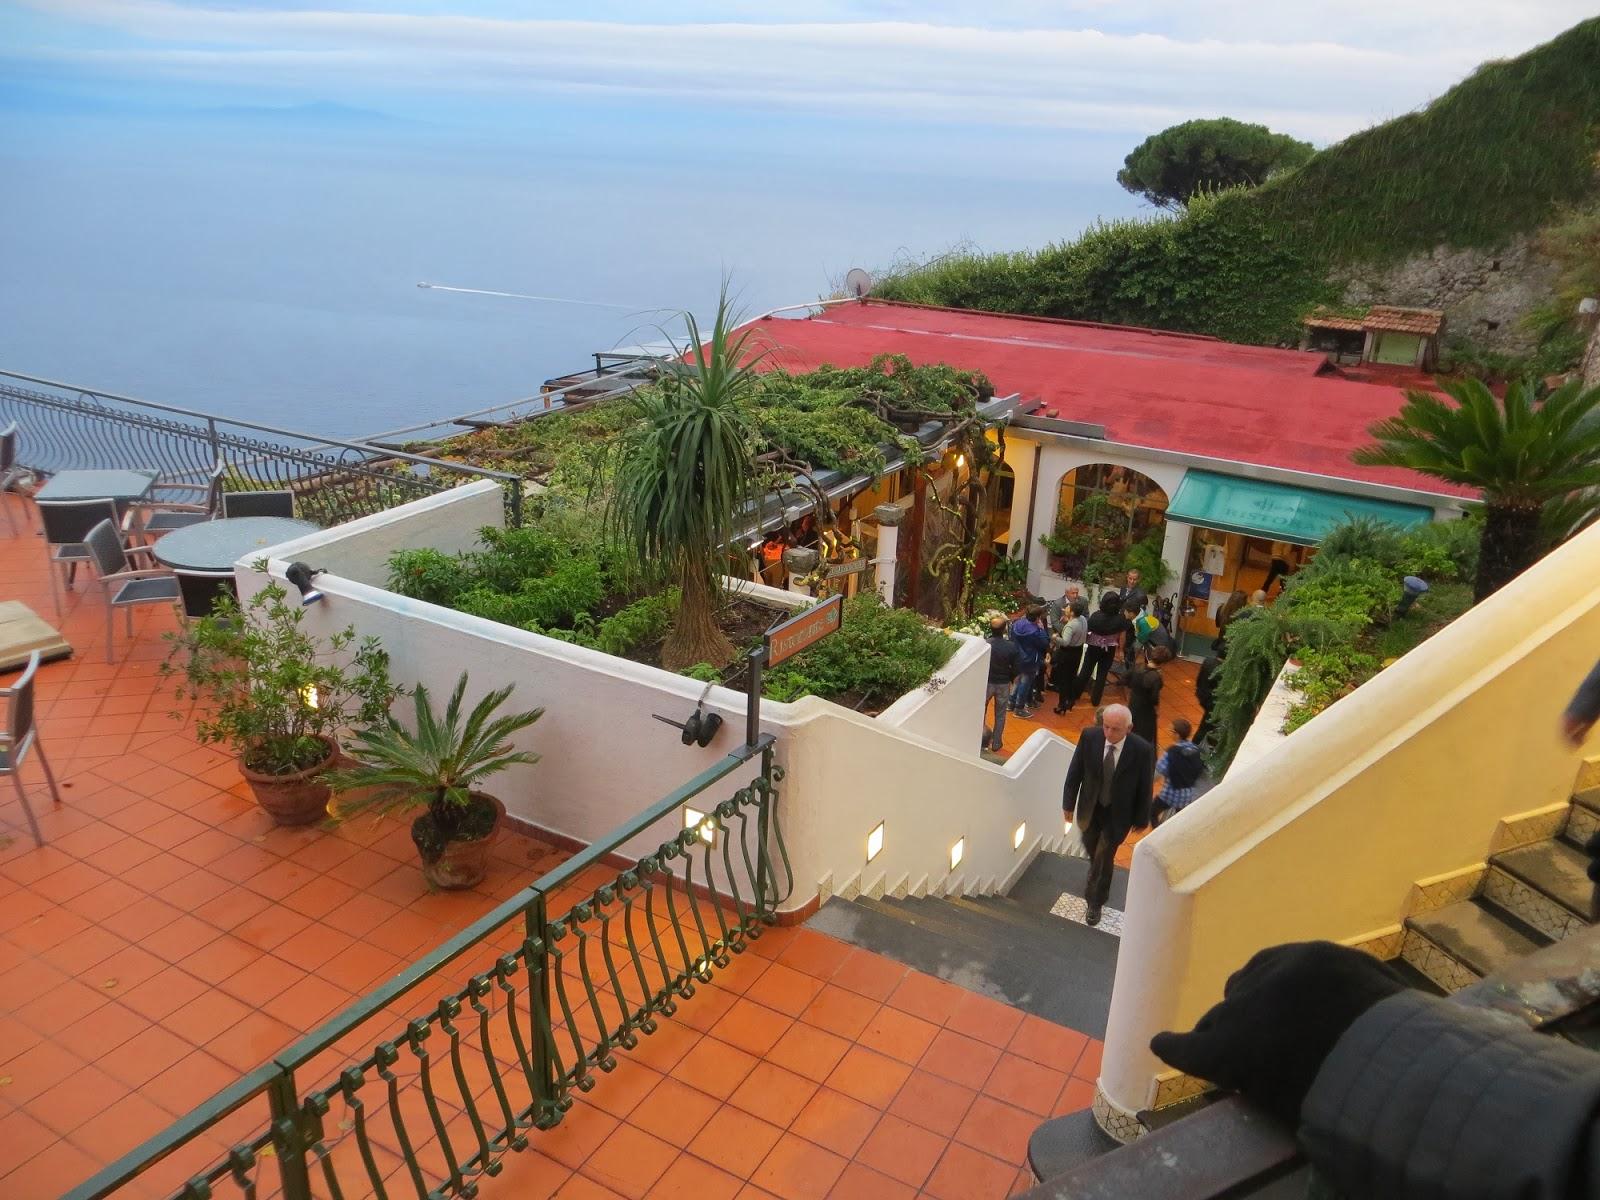 Garden Hotel, Ravello, Italy